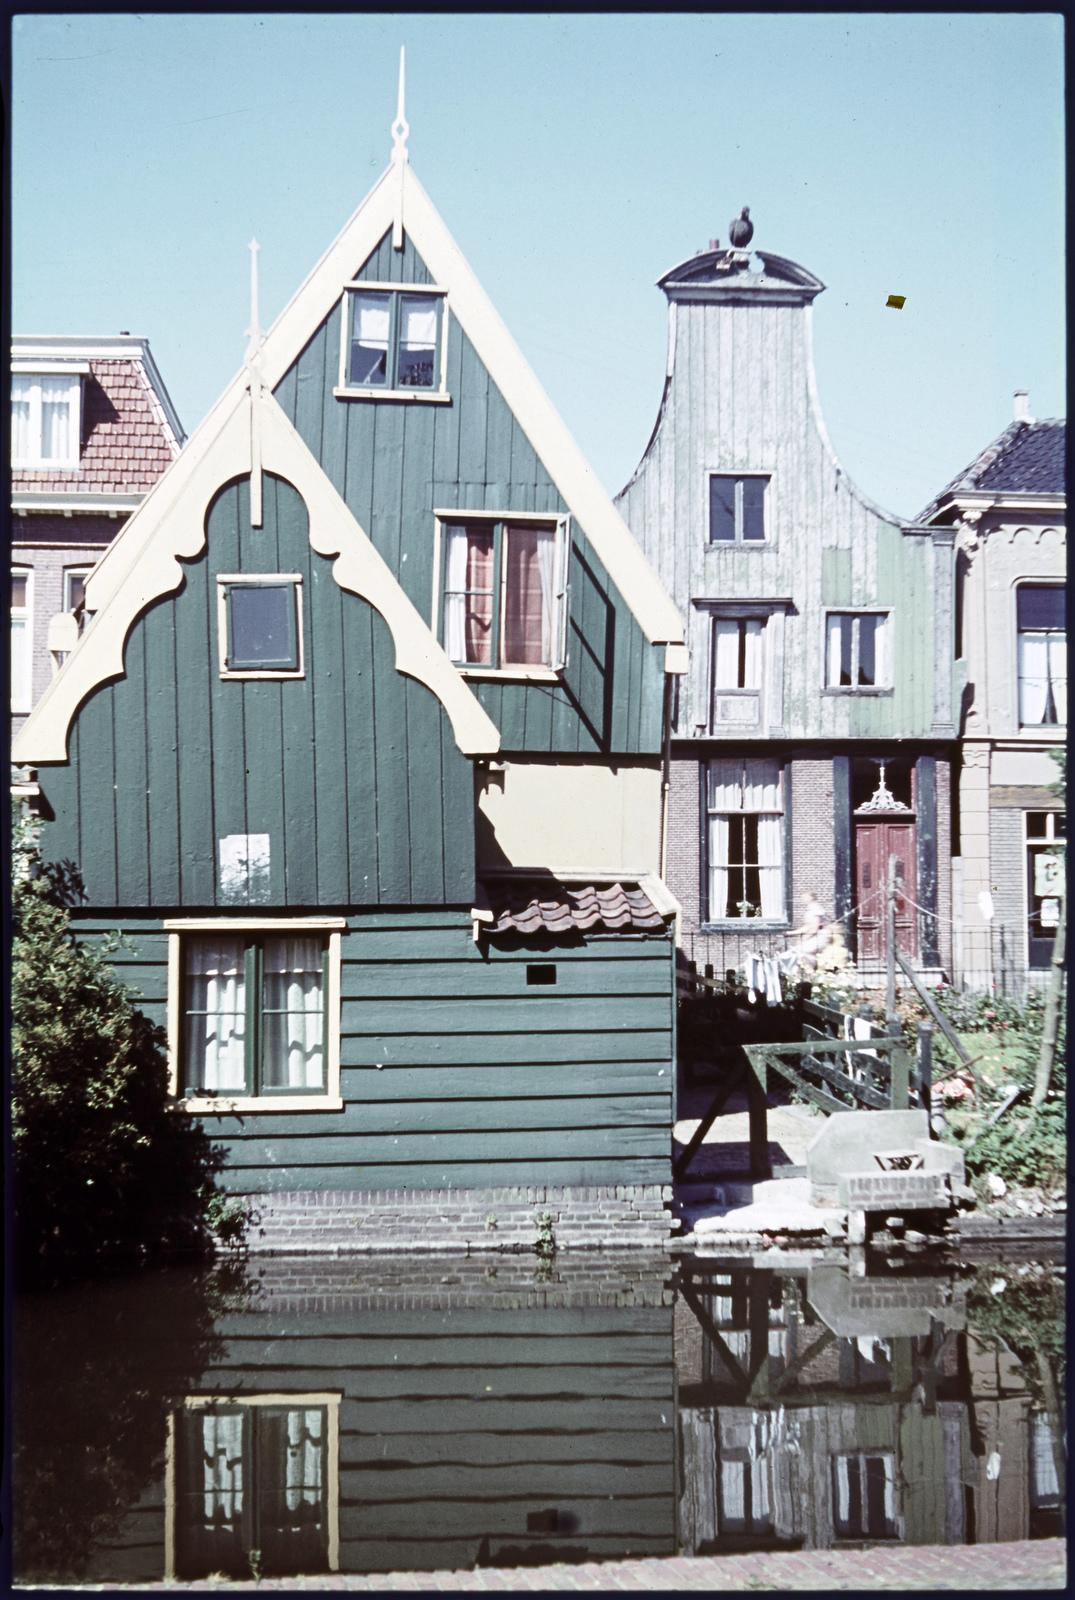 Houten Huis in De Rijp